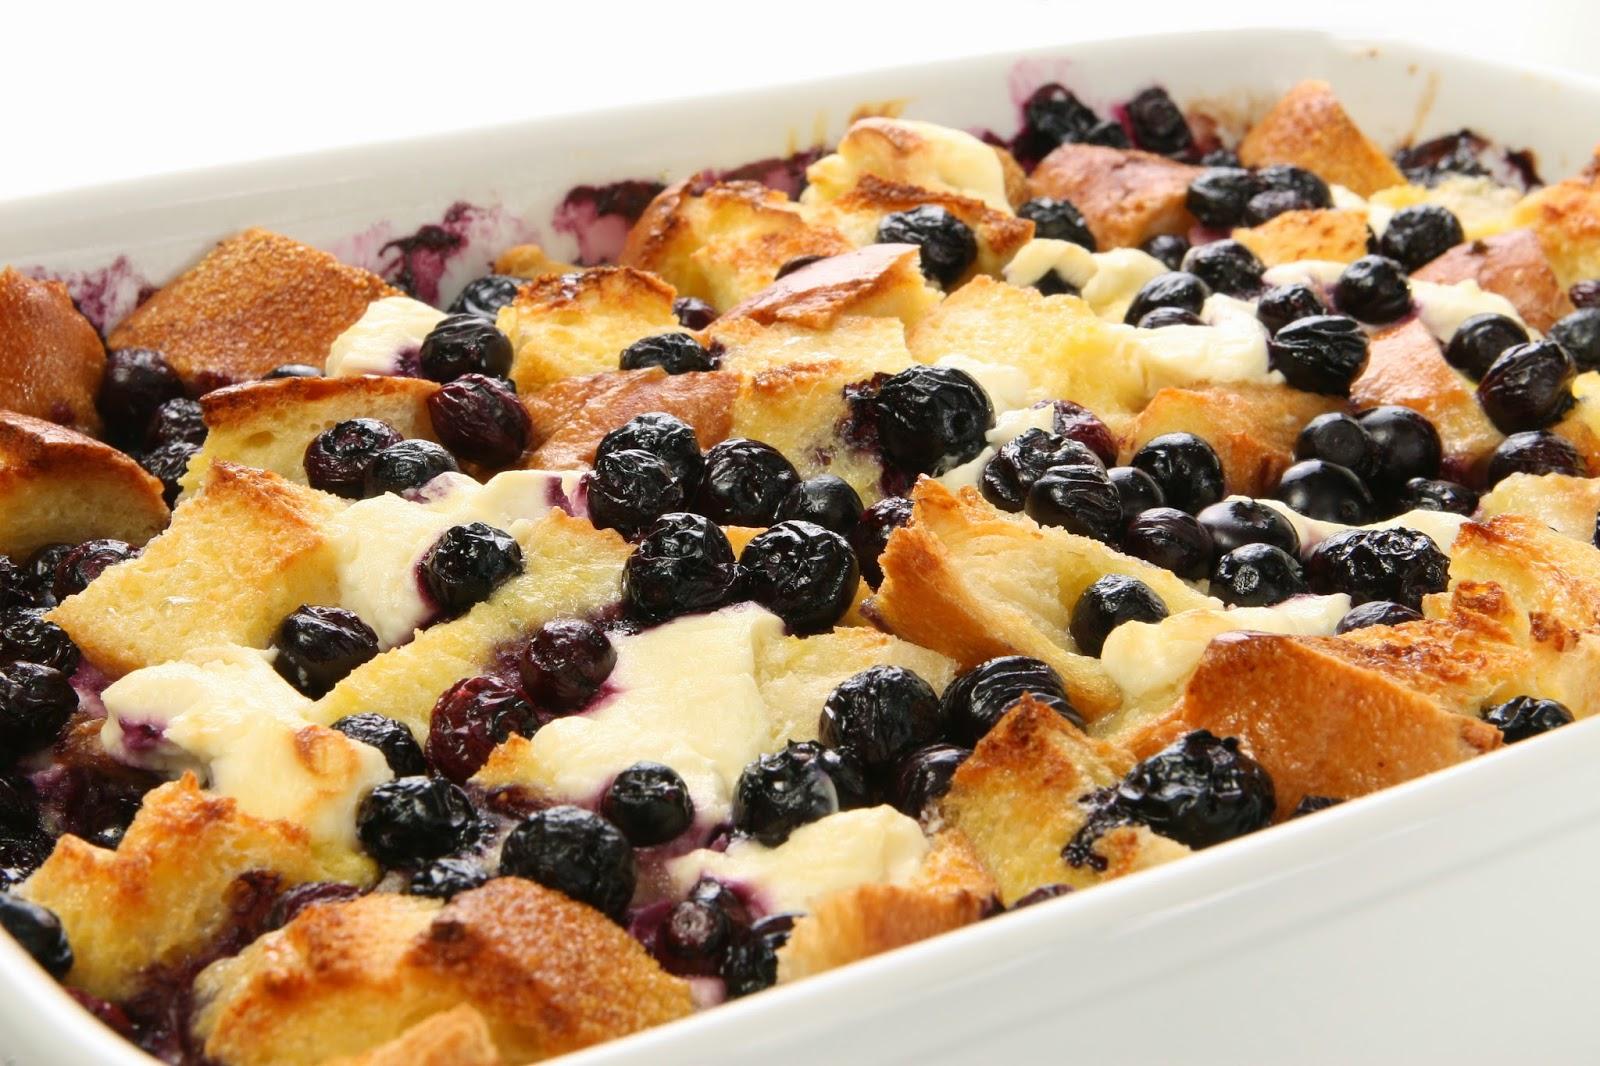 Blueberry Breakfast Casserole Recipe